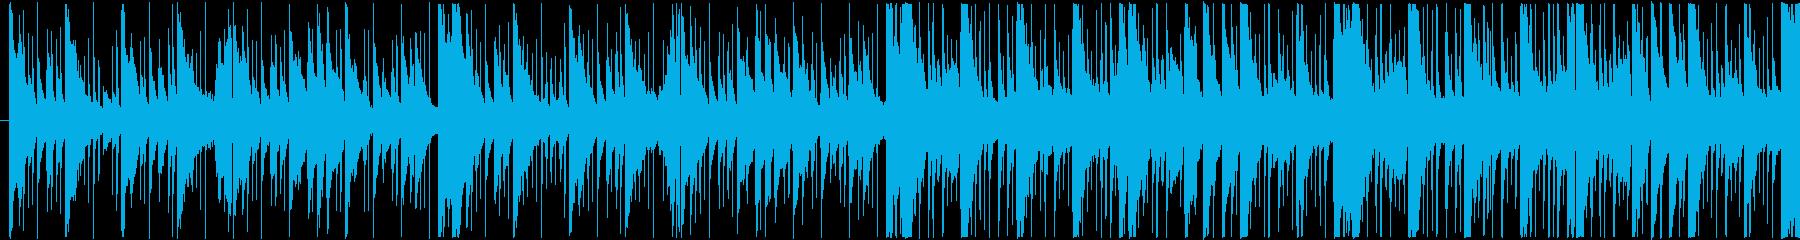 神秘的な和風アンビエント(ループA)の再生済みの波形